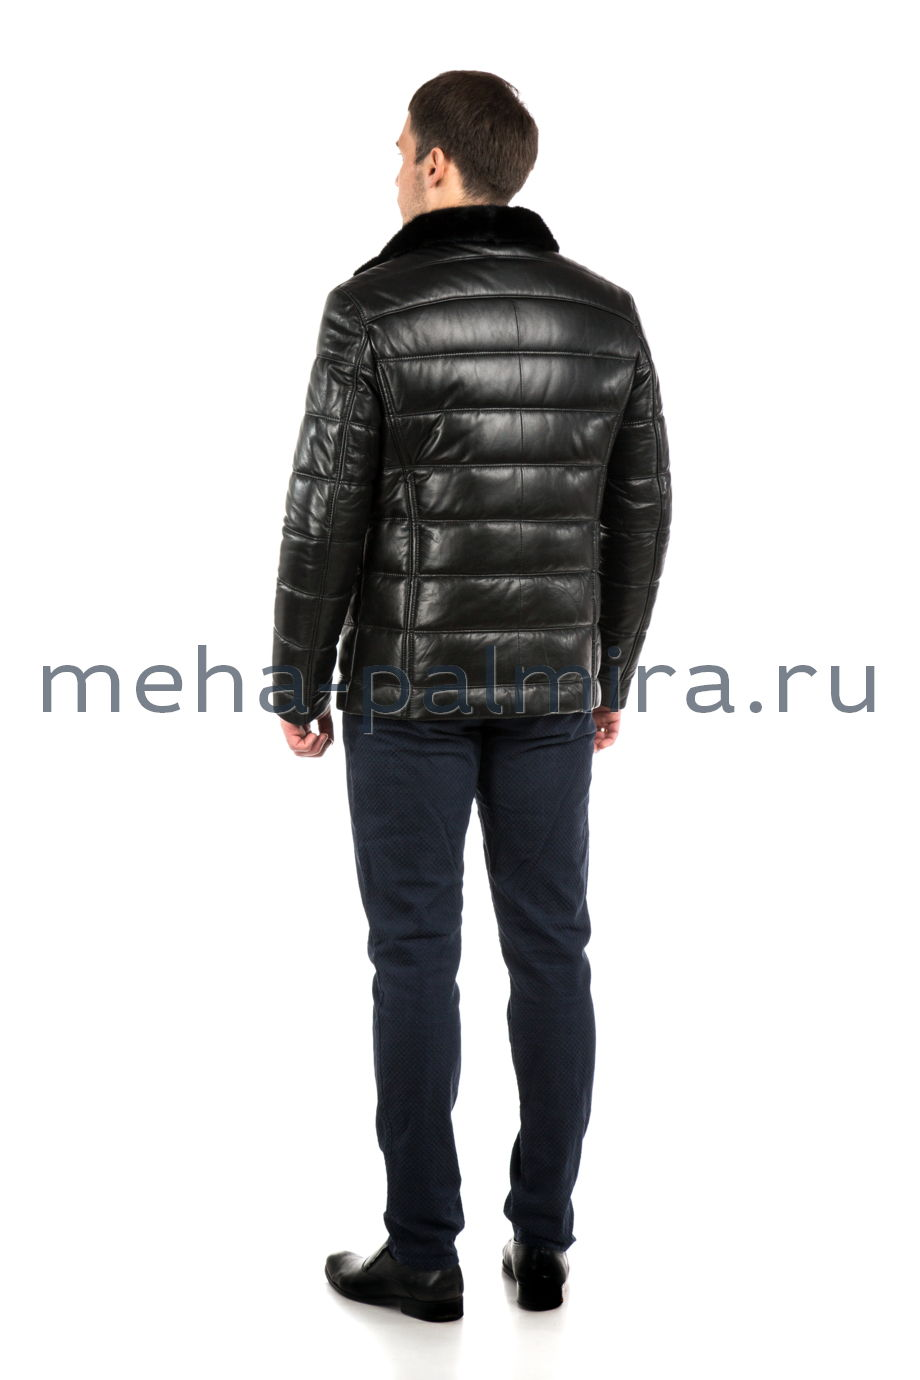 Мужской кожаный пуховик, воротник норка, цвет черный